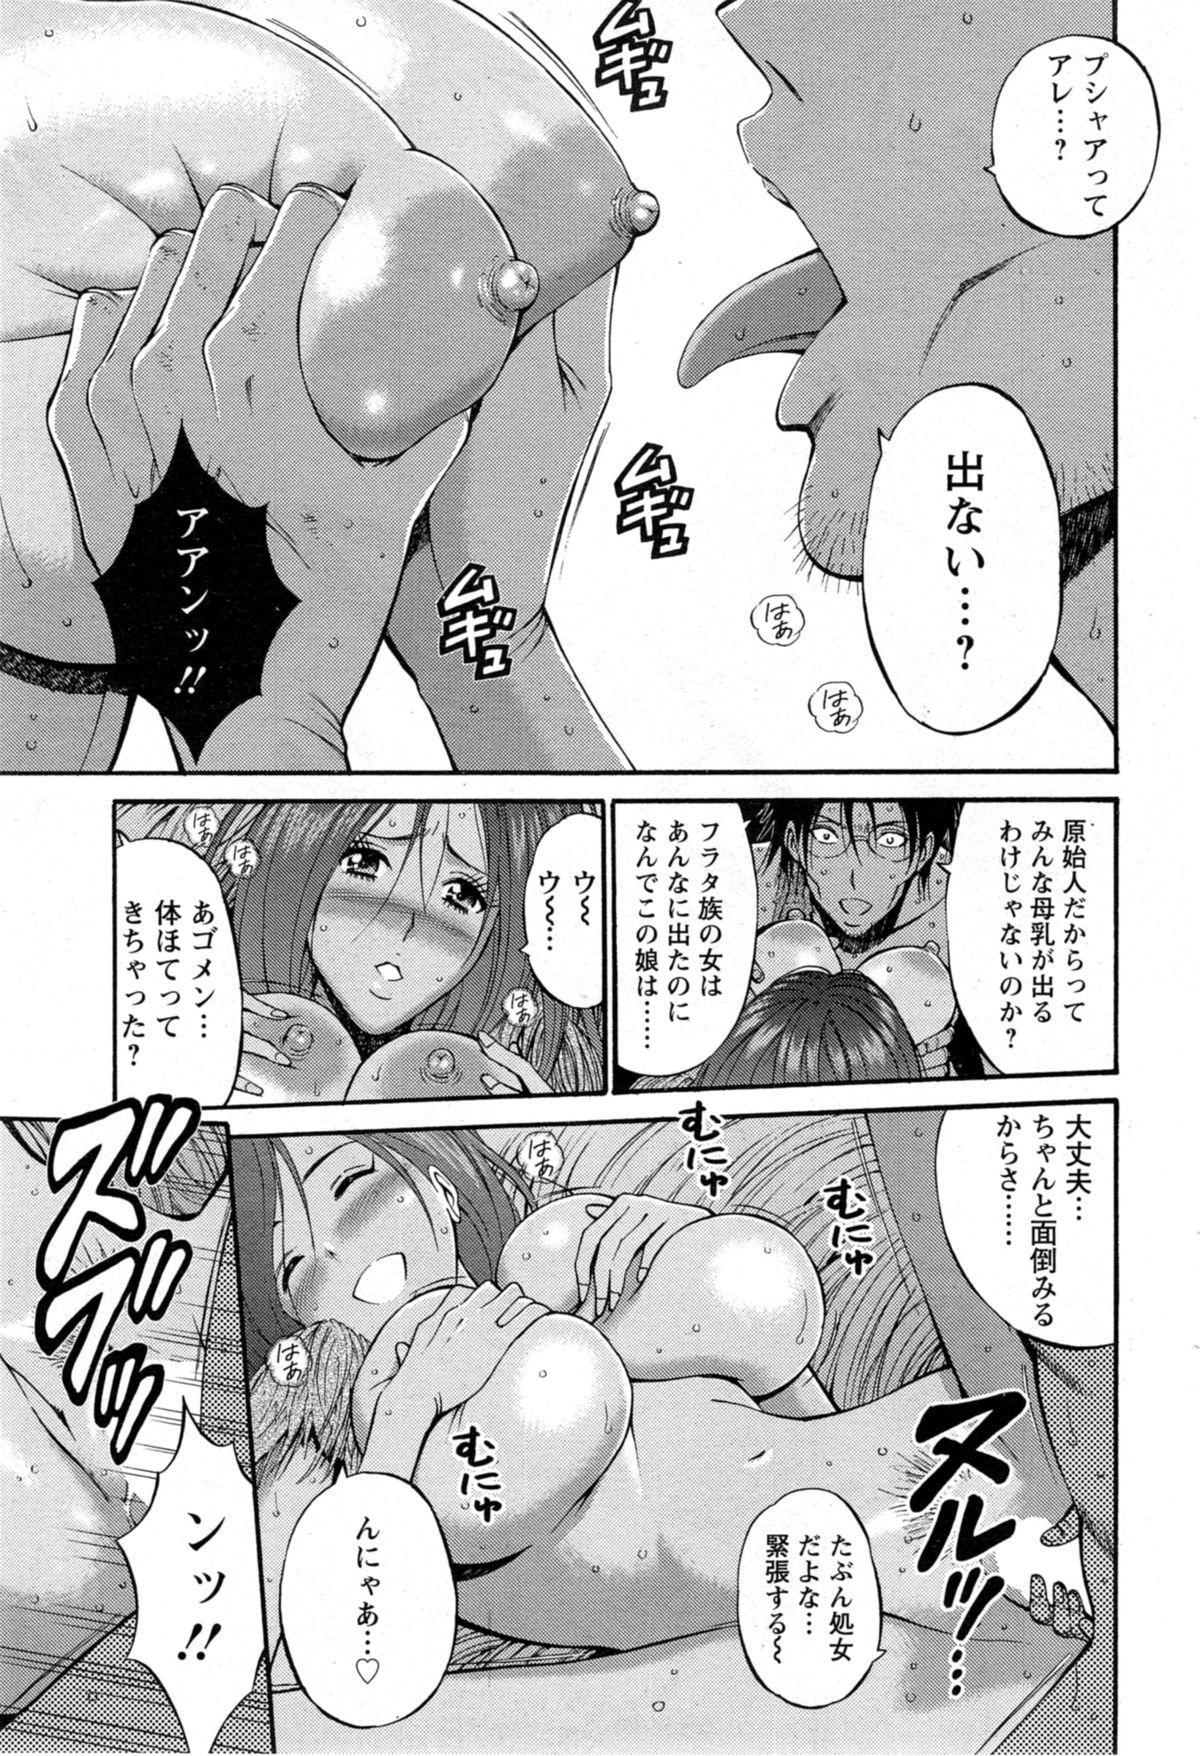 Kigenzen 10000 Nen no Ota Ch. 1-14 107